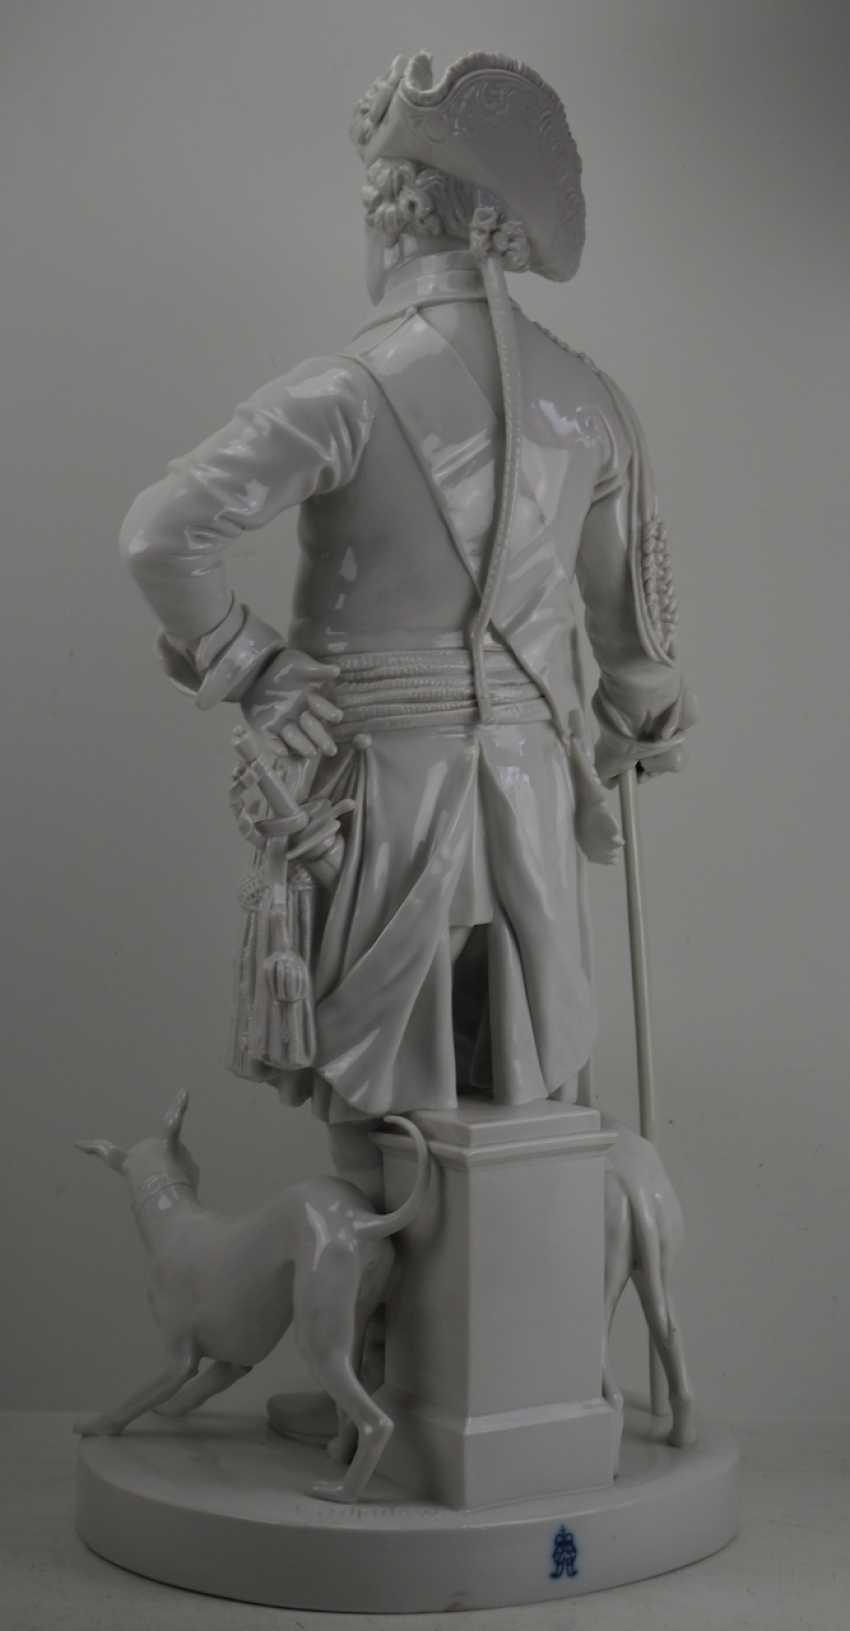 Шадов, Volkstedt: Фридрих Великий - Монументальной фарфоровой статуэткой. - фото 6